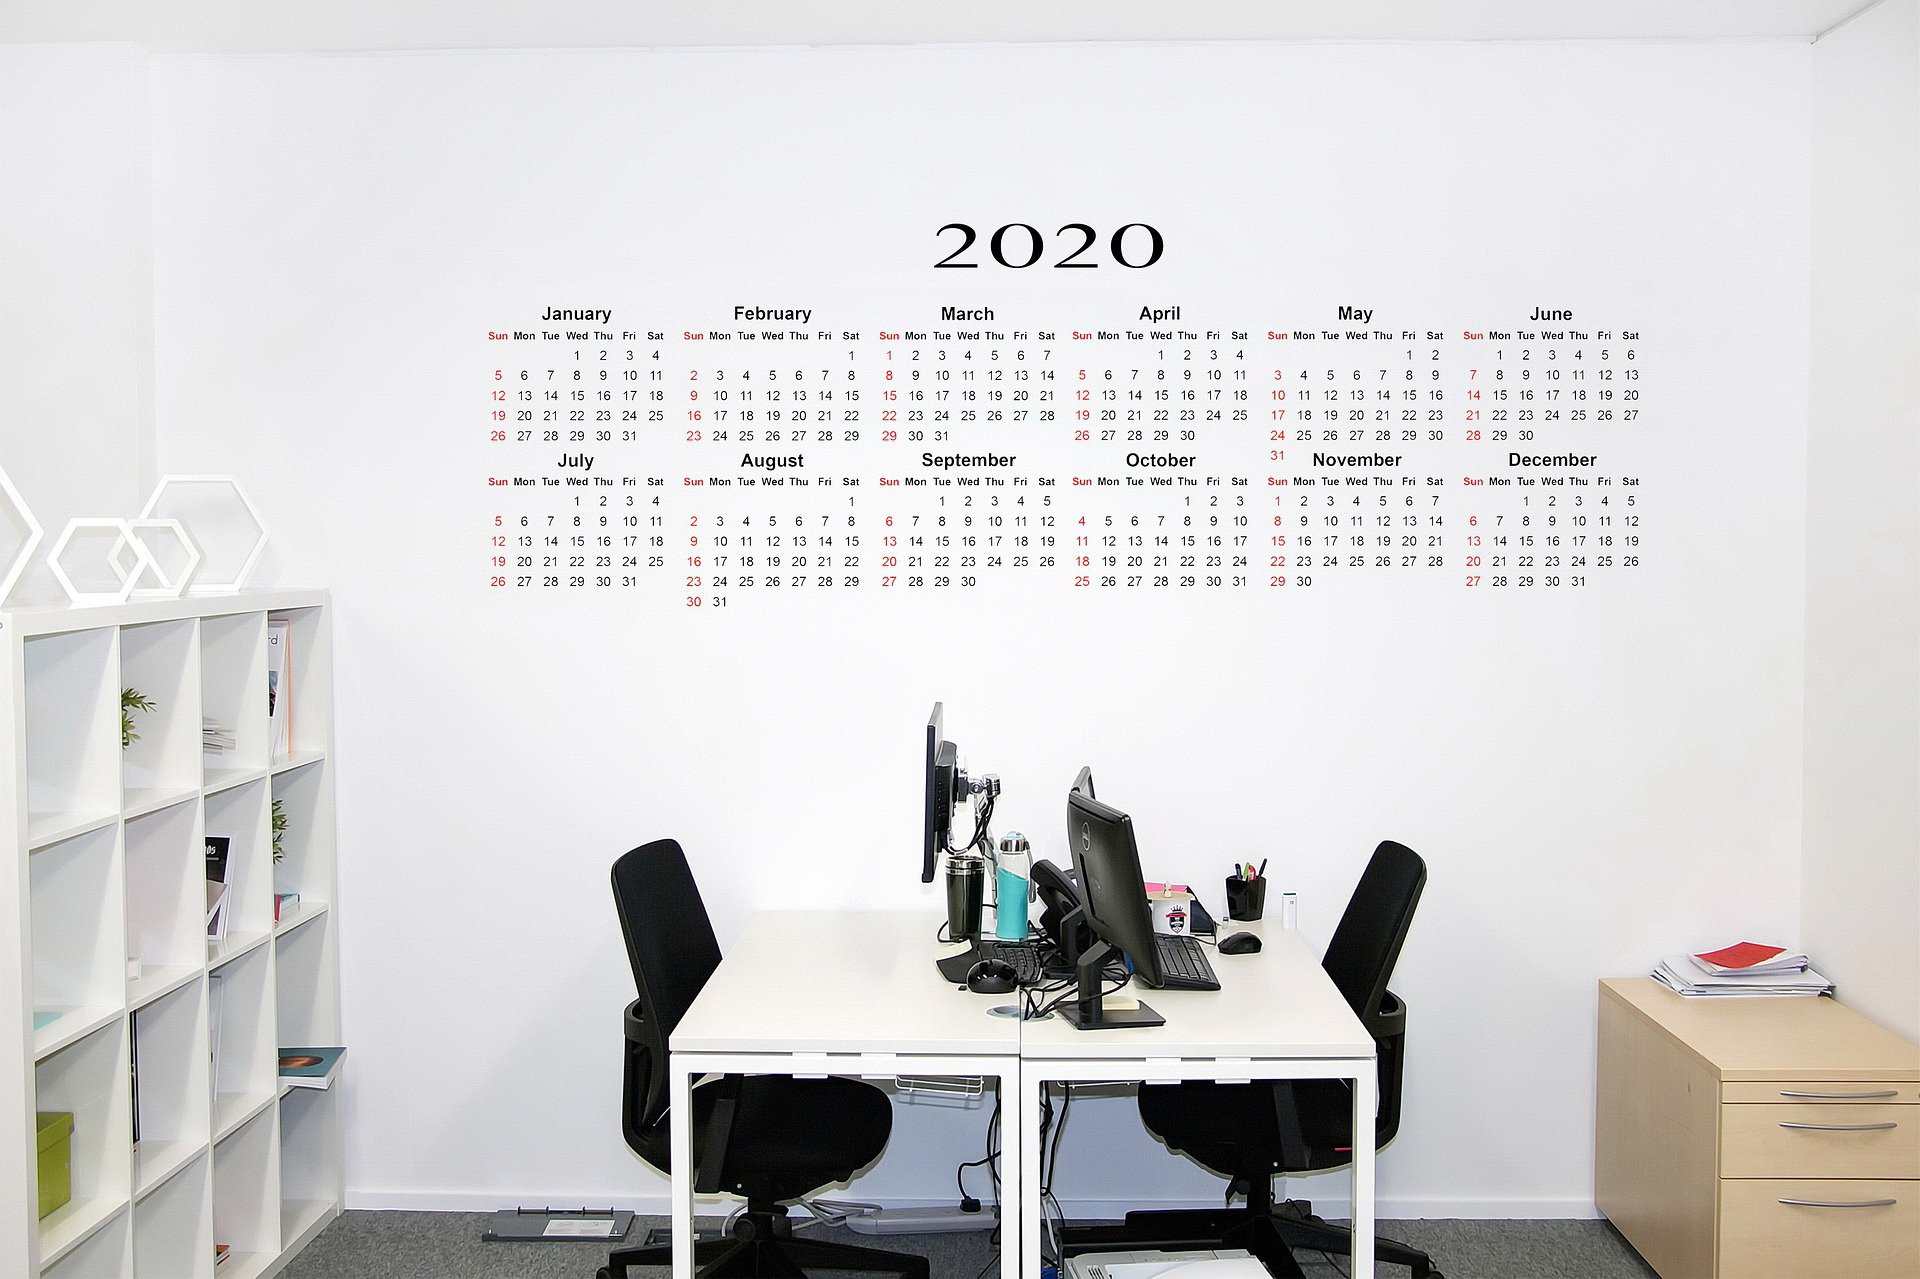 zagadki logiczne o kalendarzu zgadywanki z odpowiedziami